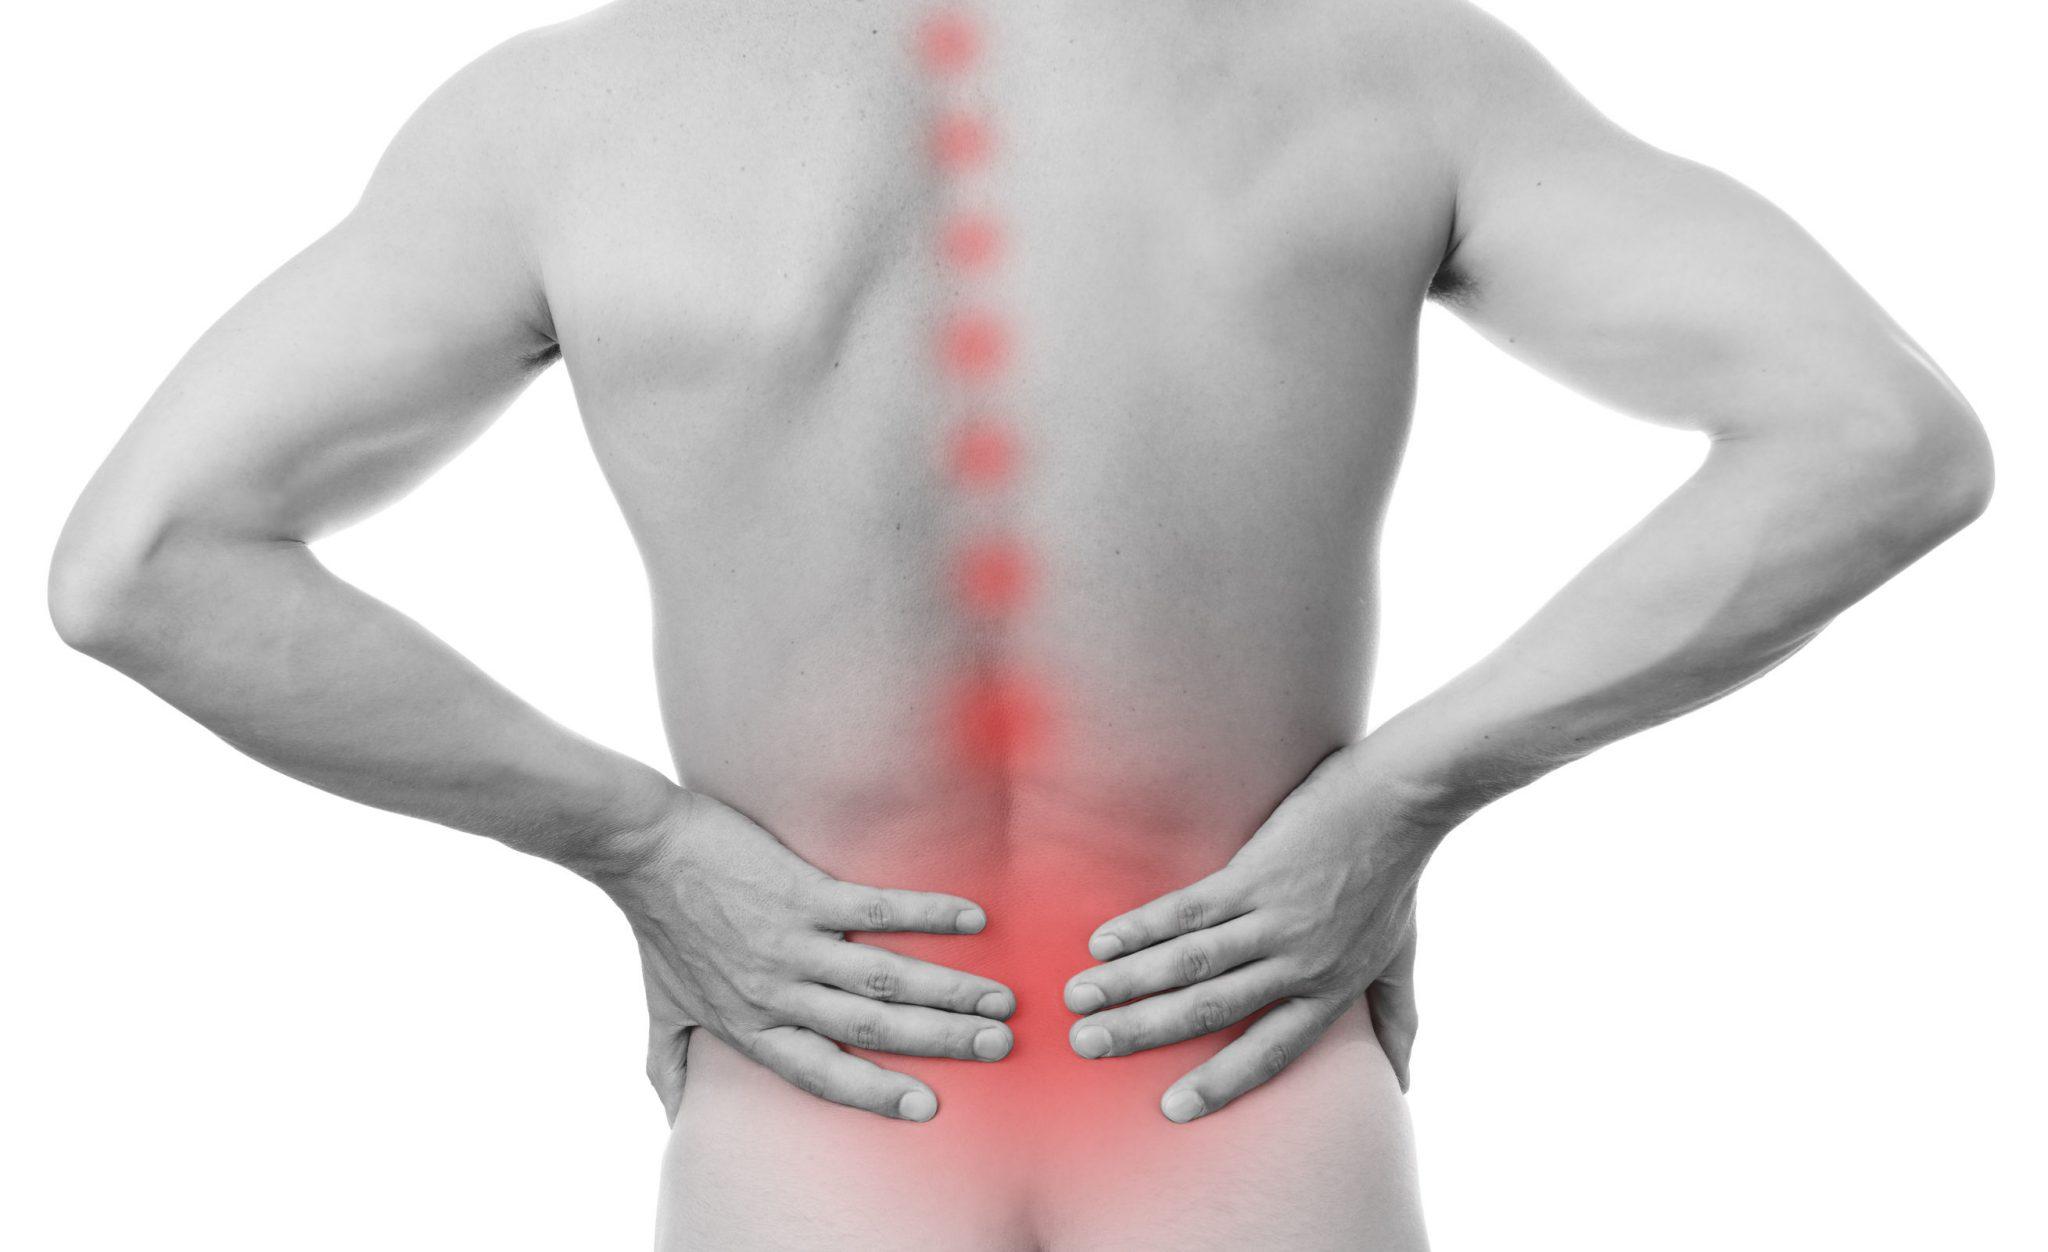 Dor ciática: sintomas, causas e tratamentos